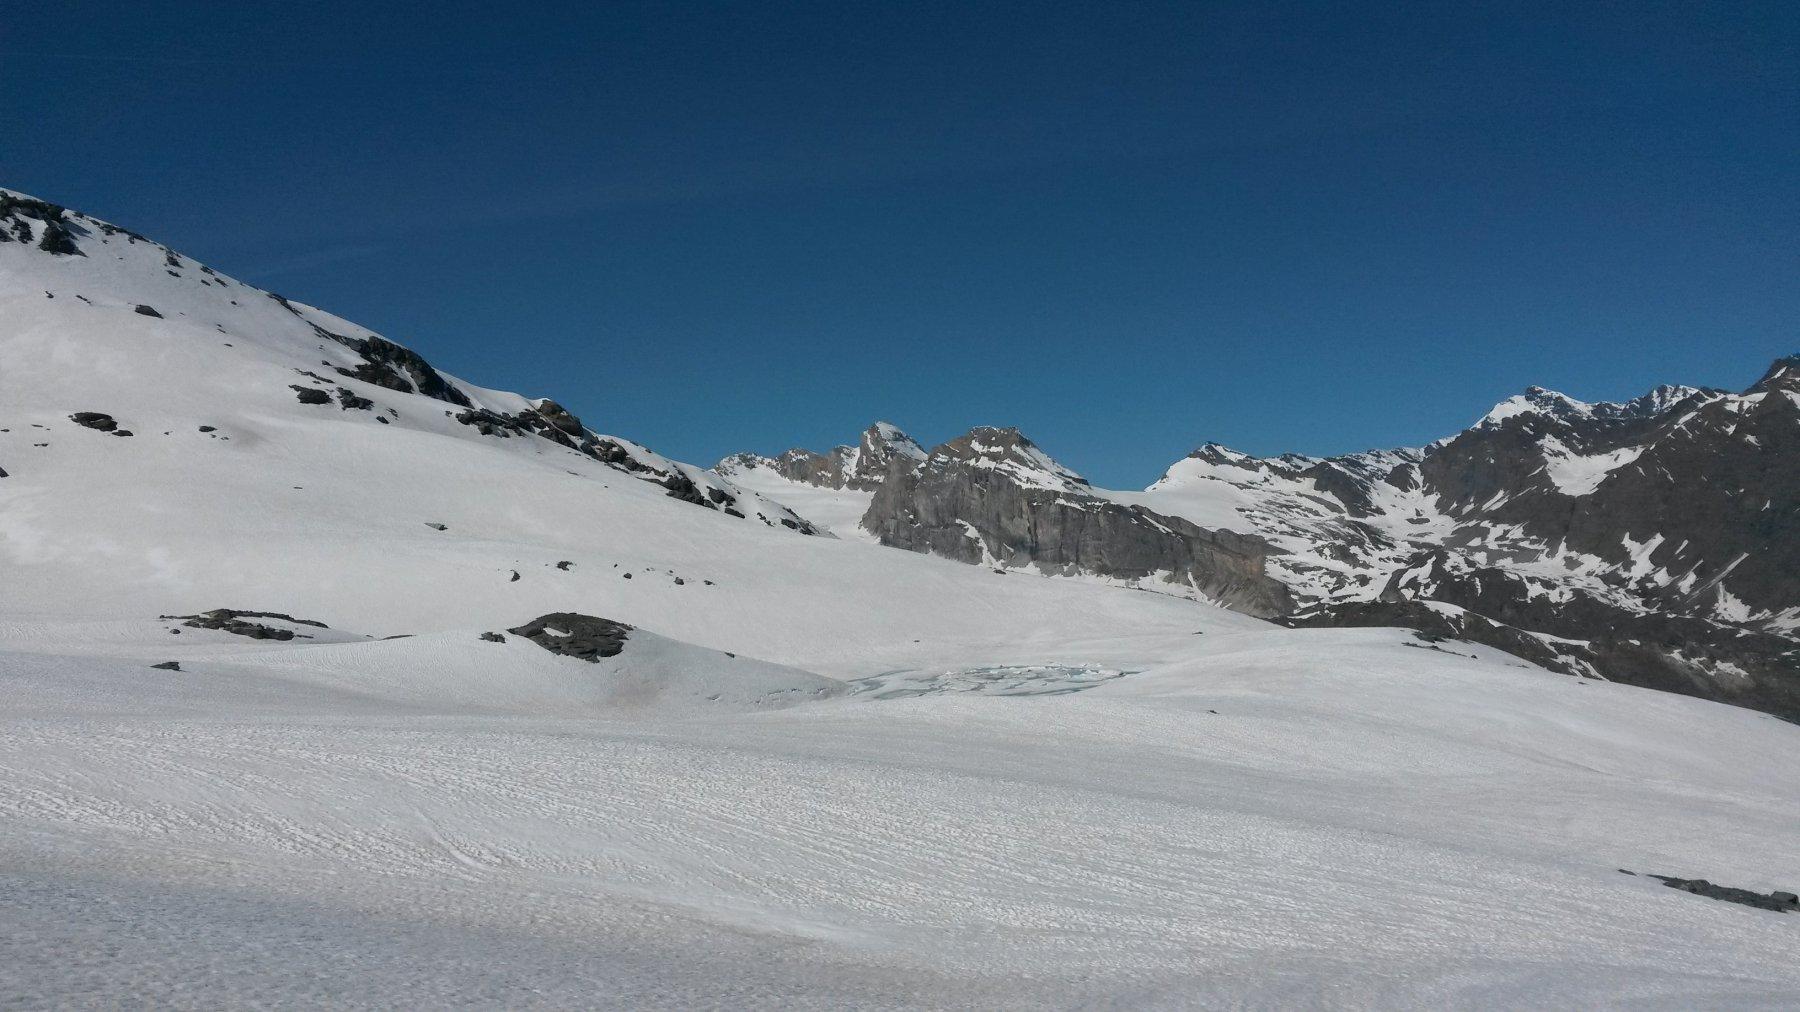 Secondo lago di fusione con, sullo sfondo, la Granta Parey